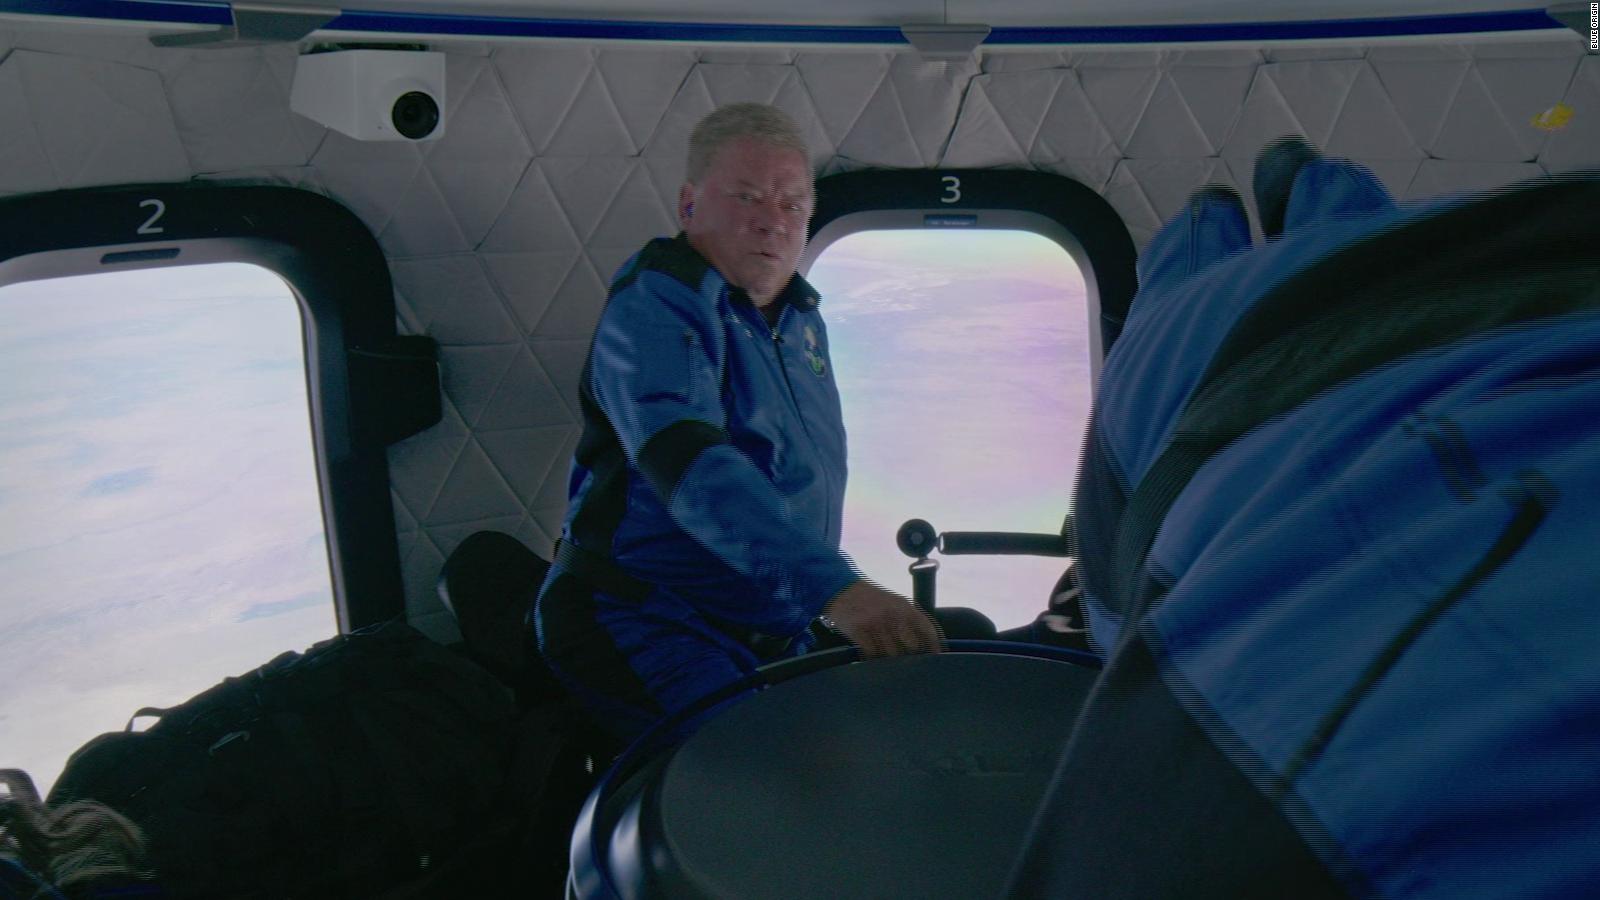 Así fue la experiencia de William Shatner a bordo de la nave New Shepard